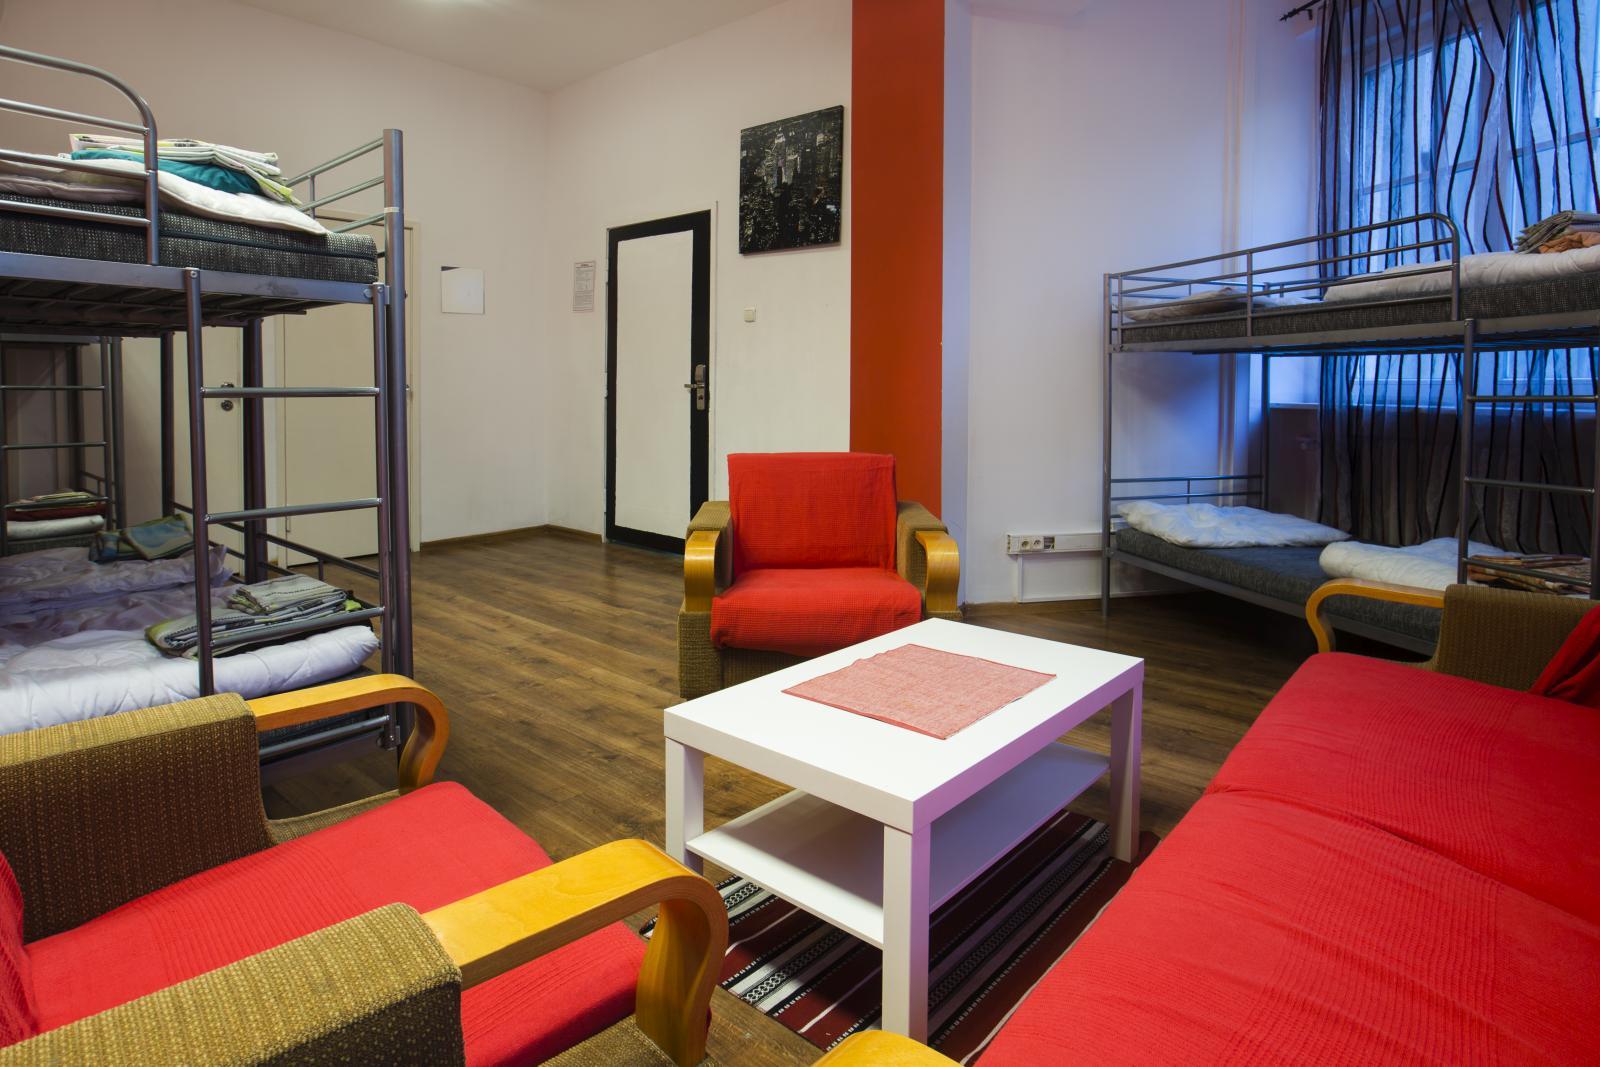 Pokój 8 osobowy w ART Hostel Poznań